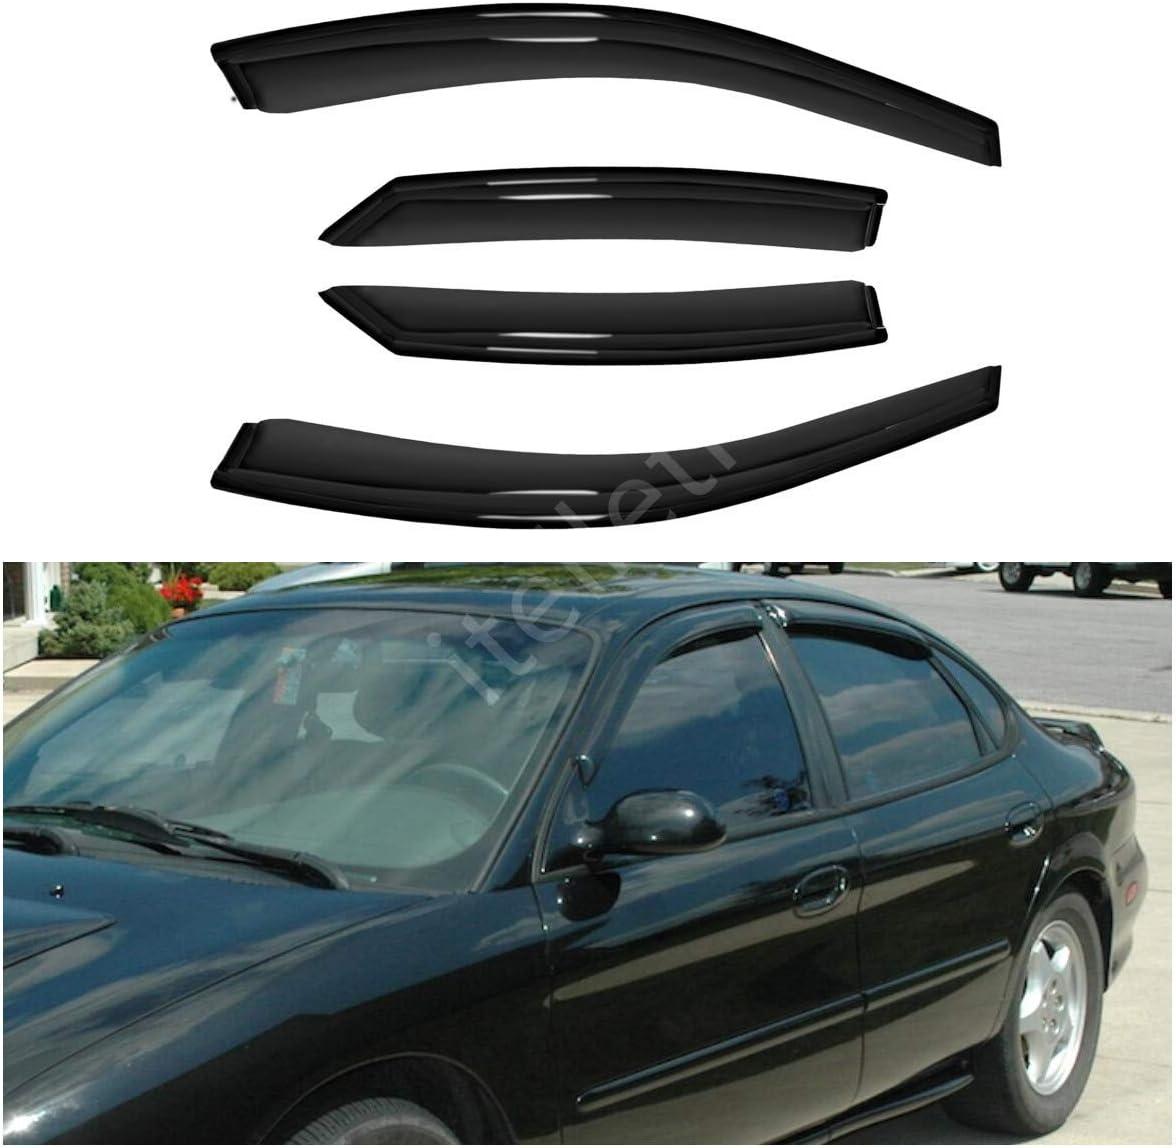 itelleti 4pcs Outside Mount Dark Smoke Sun//Rain Guard Front+Rear Tape-On Auto Window Visors For 96-07 Ford Taurus 4-Door Sedan